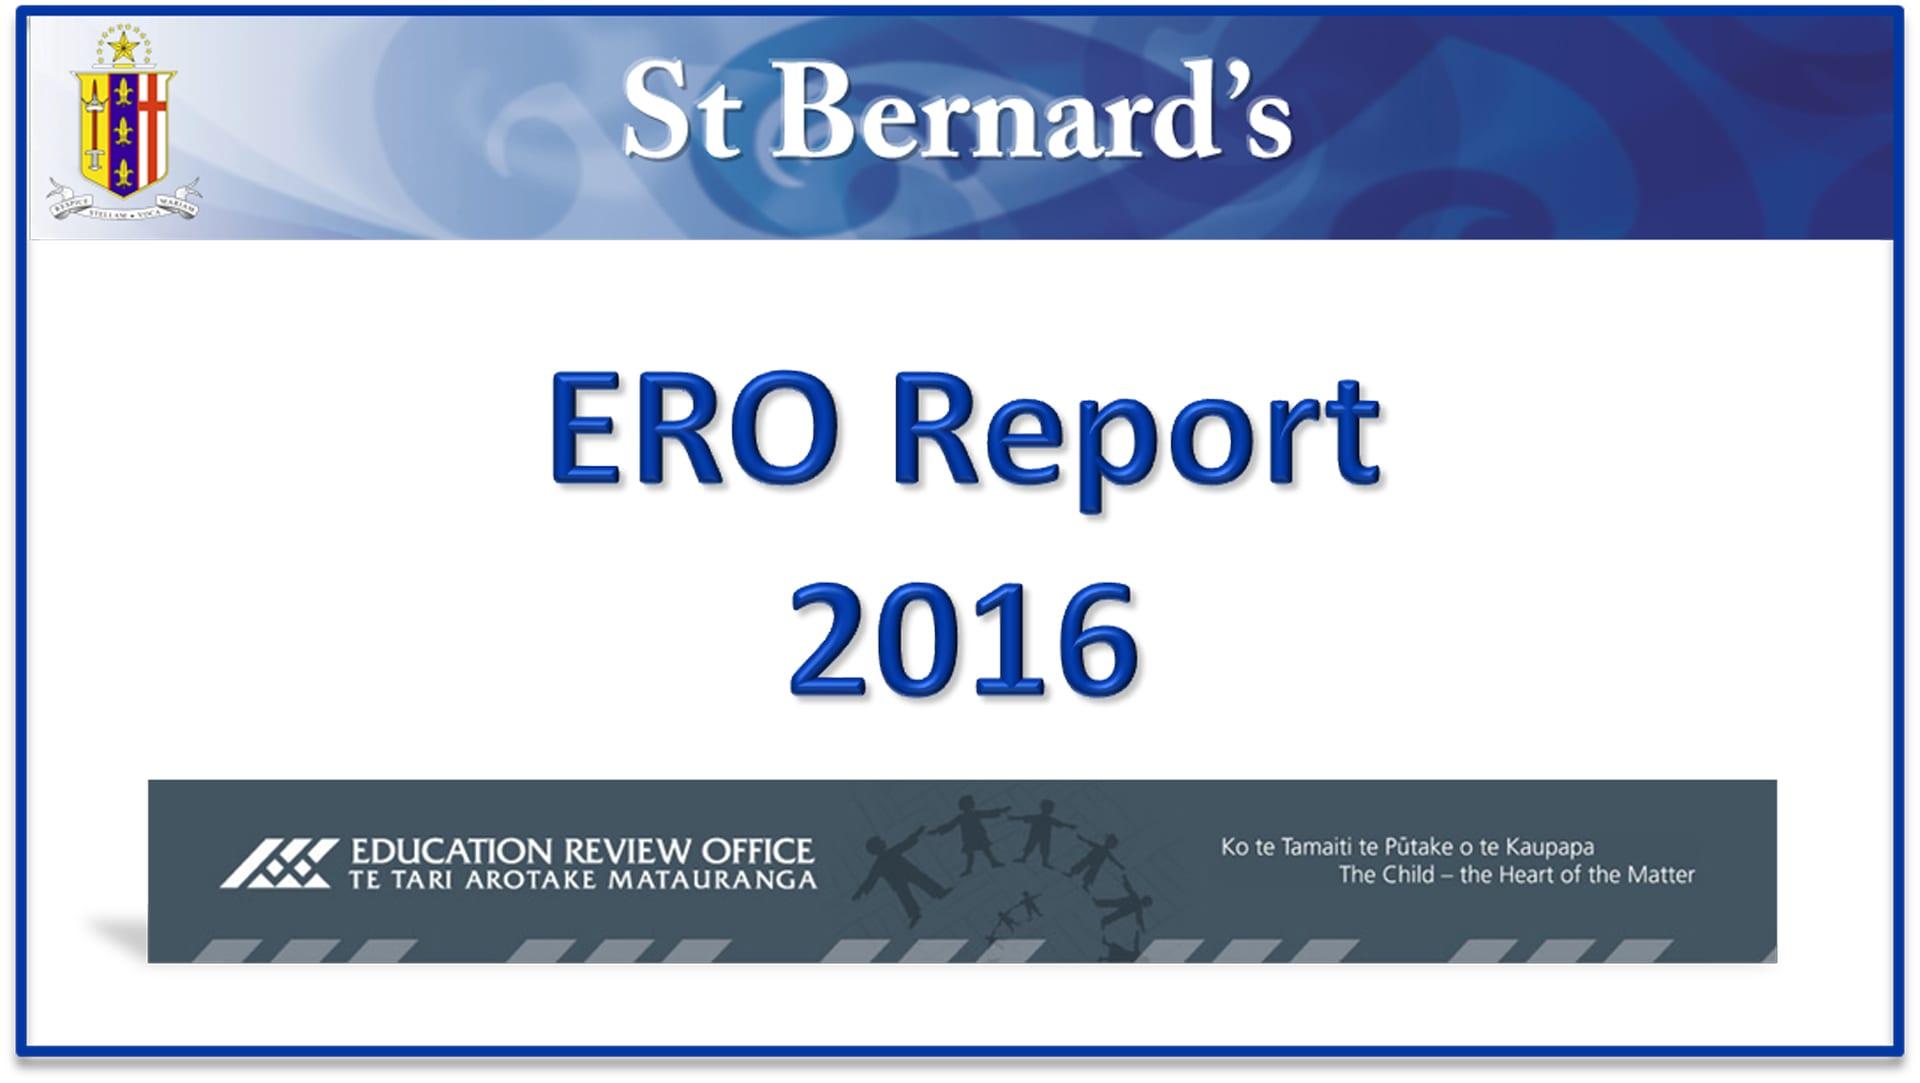 ero-report